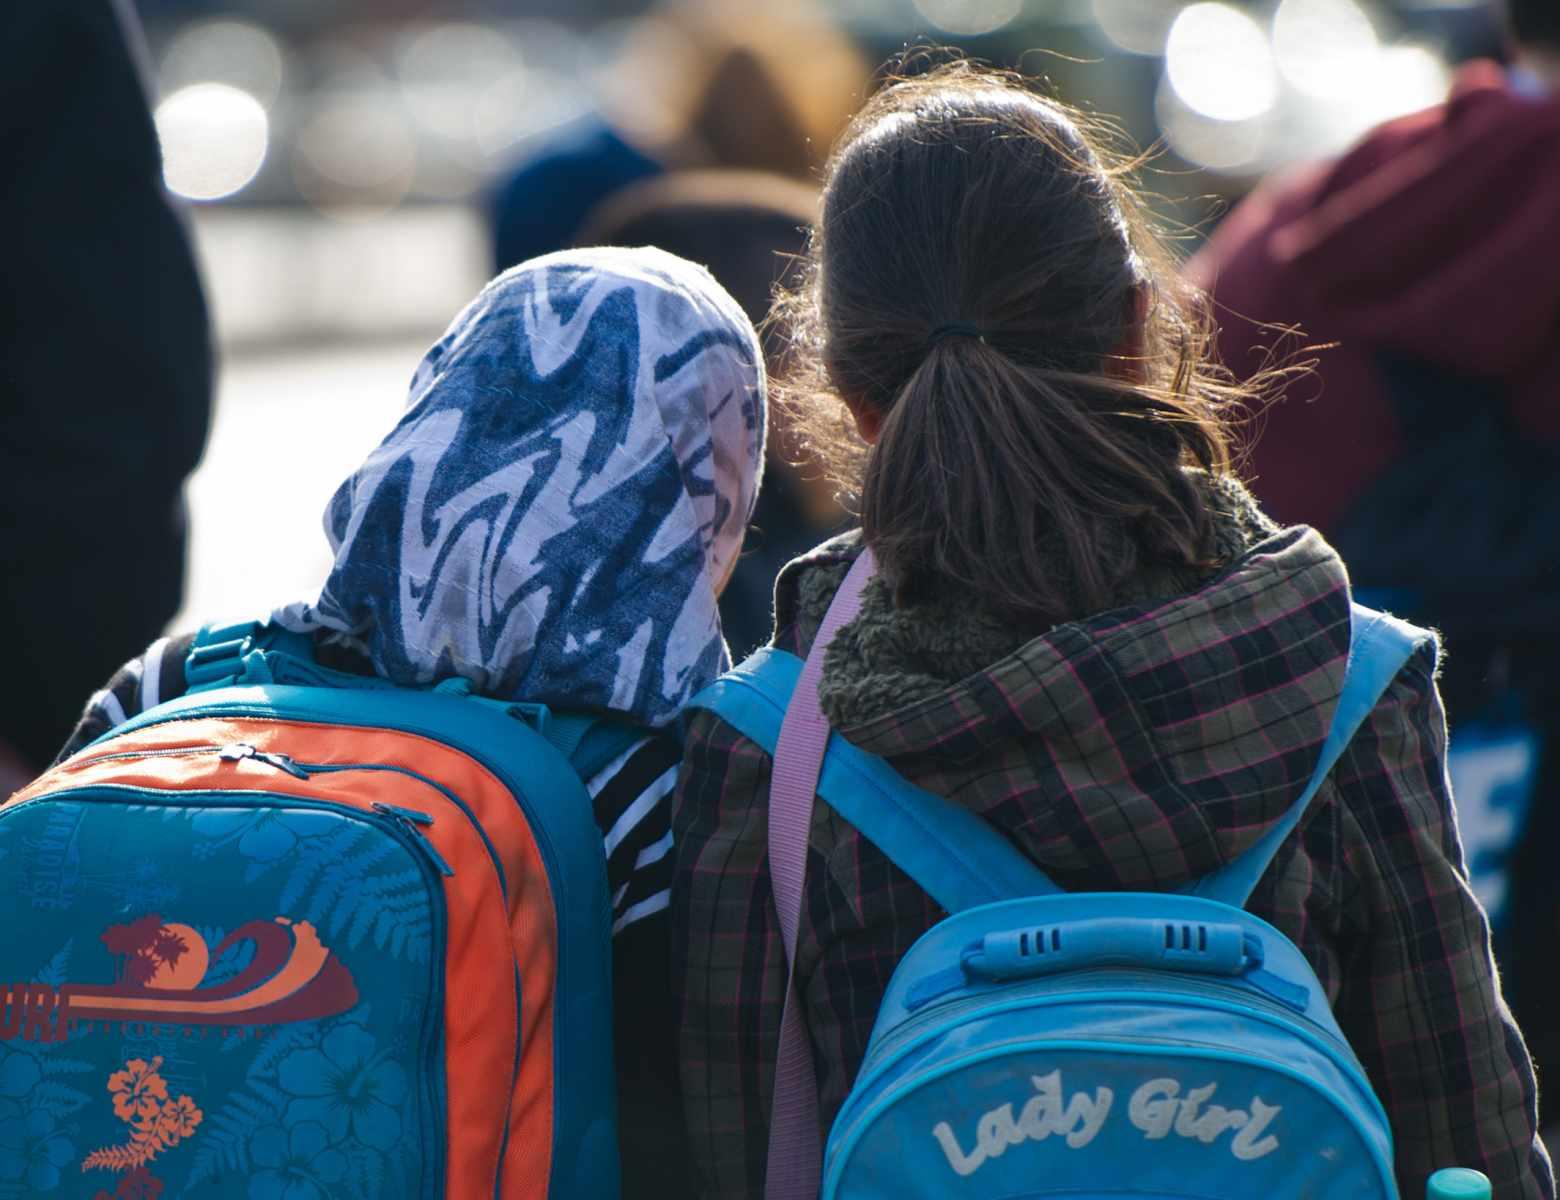 Schülerinnen: Laut einer Ifo-Untersuchung fördert die deutsche Staatsbürgerschaft die soziale Integration von Einwandererkindern